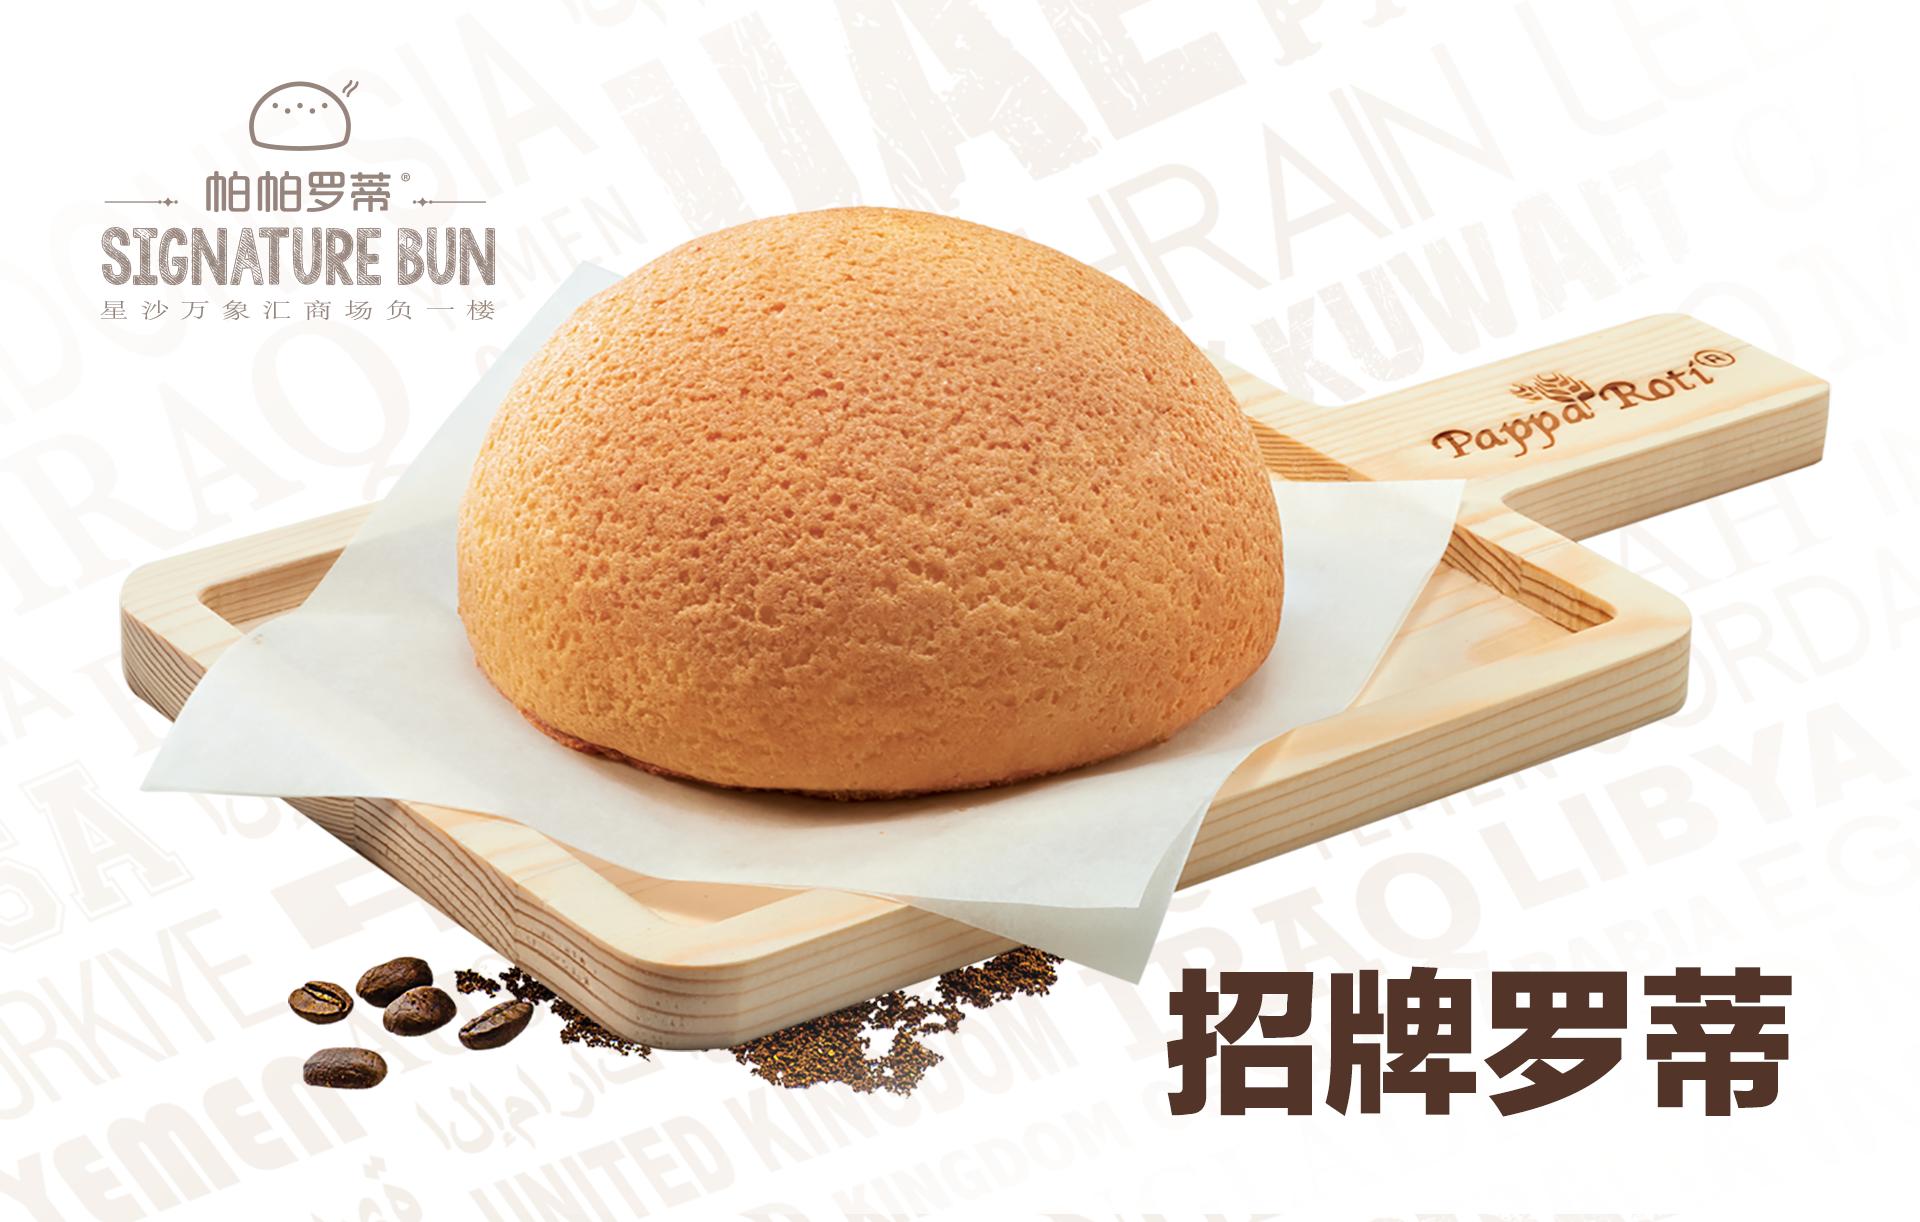 帕帕罗蒂面包加盟店,来自马来岛的特色品牌!